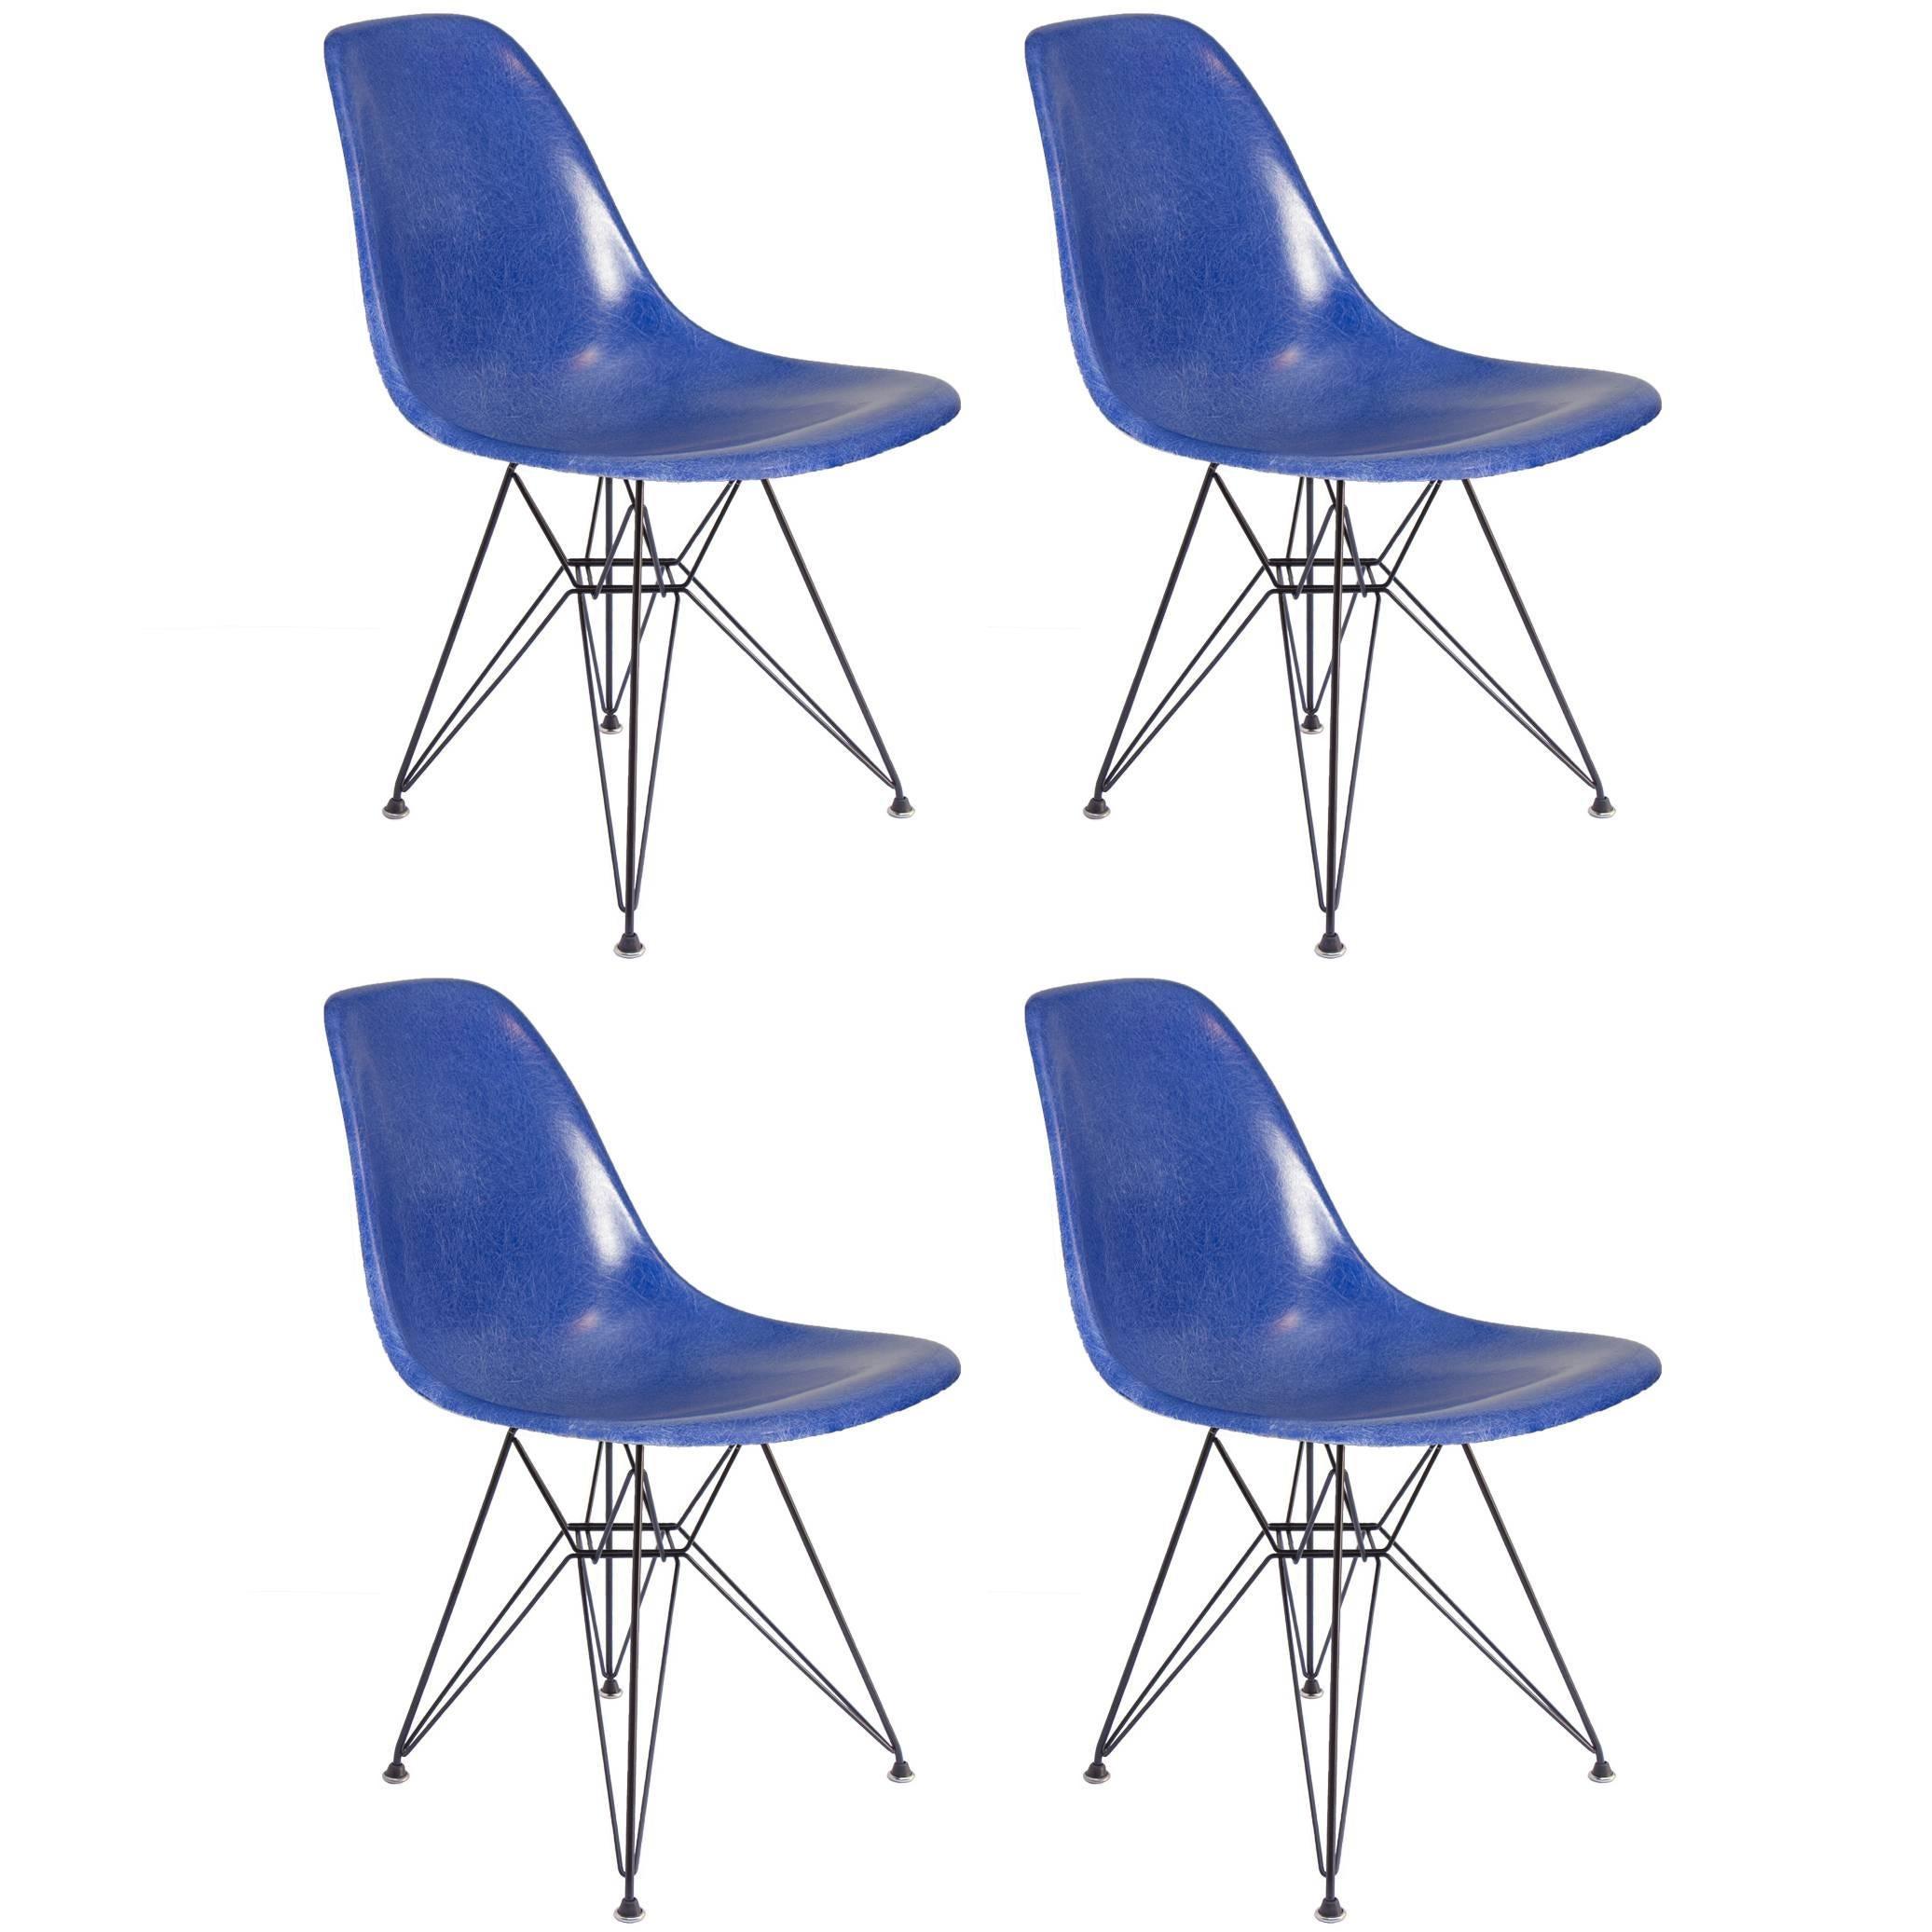 Eames for Herman Miller Ultramarine Blue Fiberglass Shell Chair